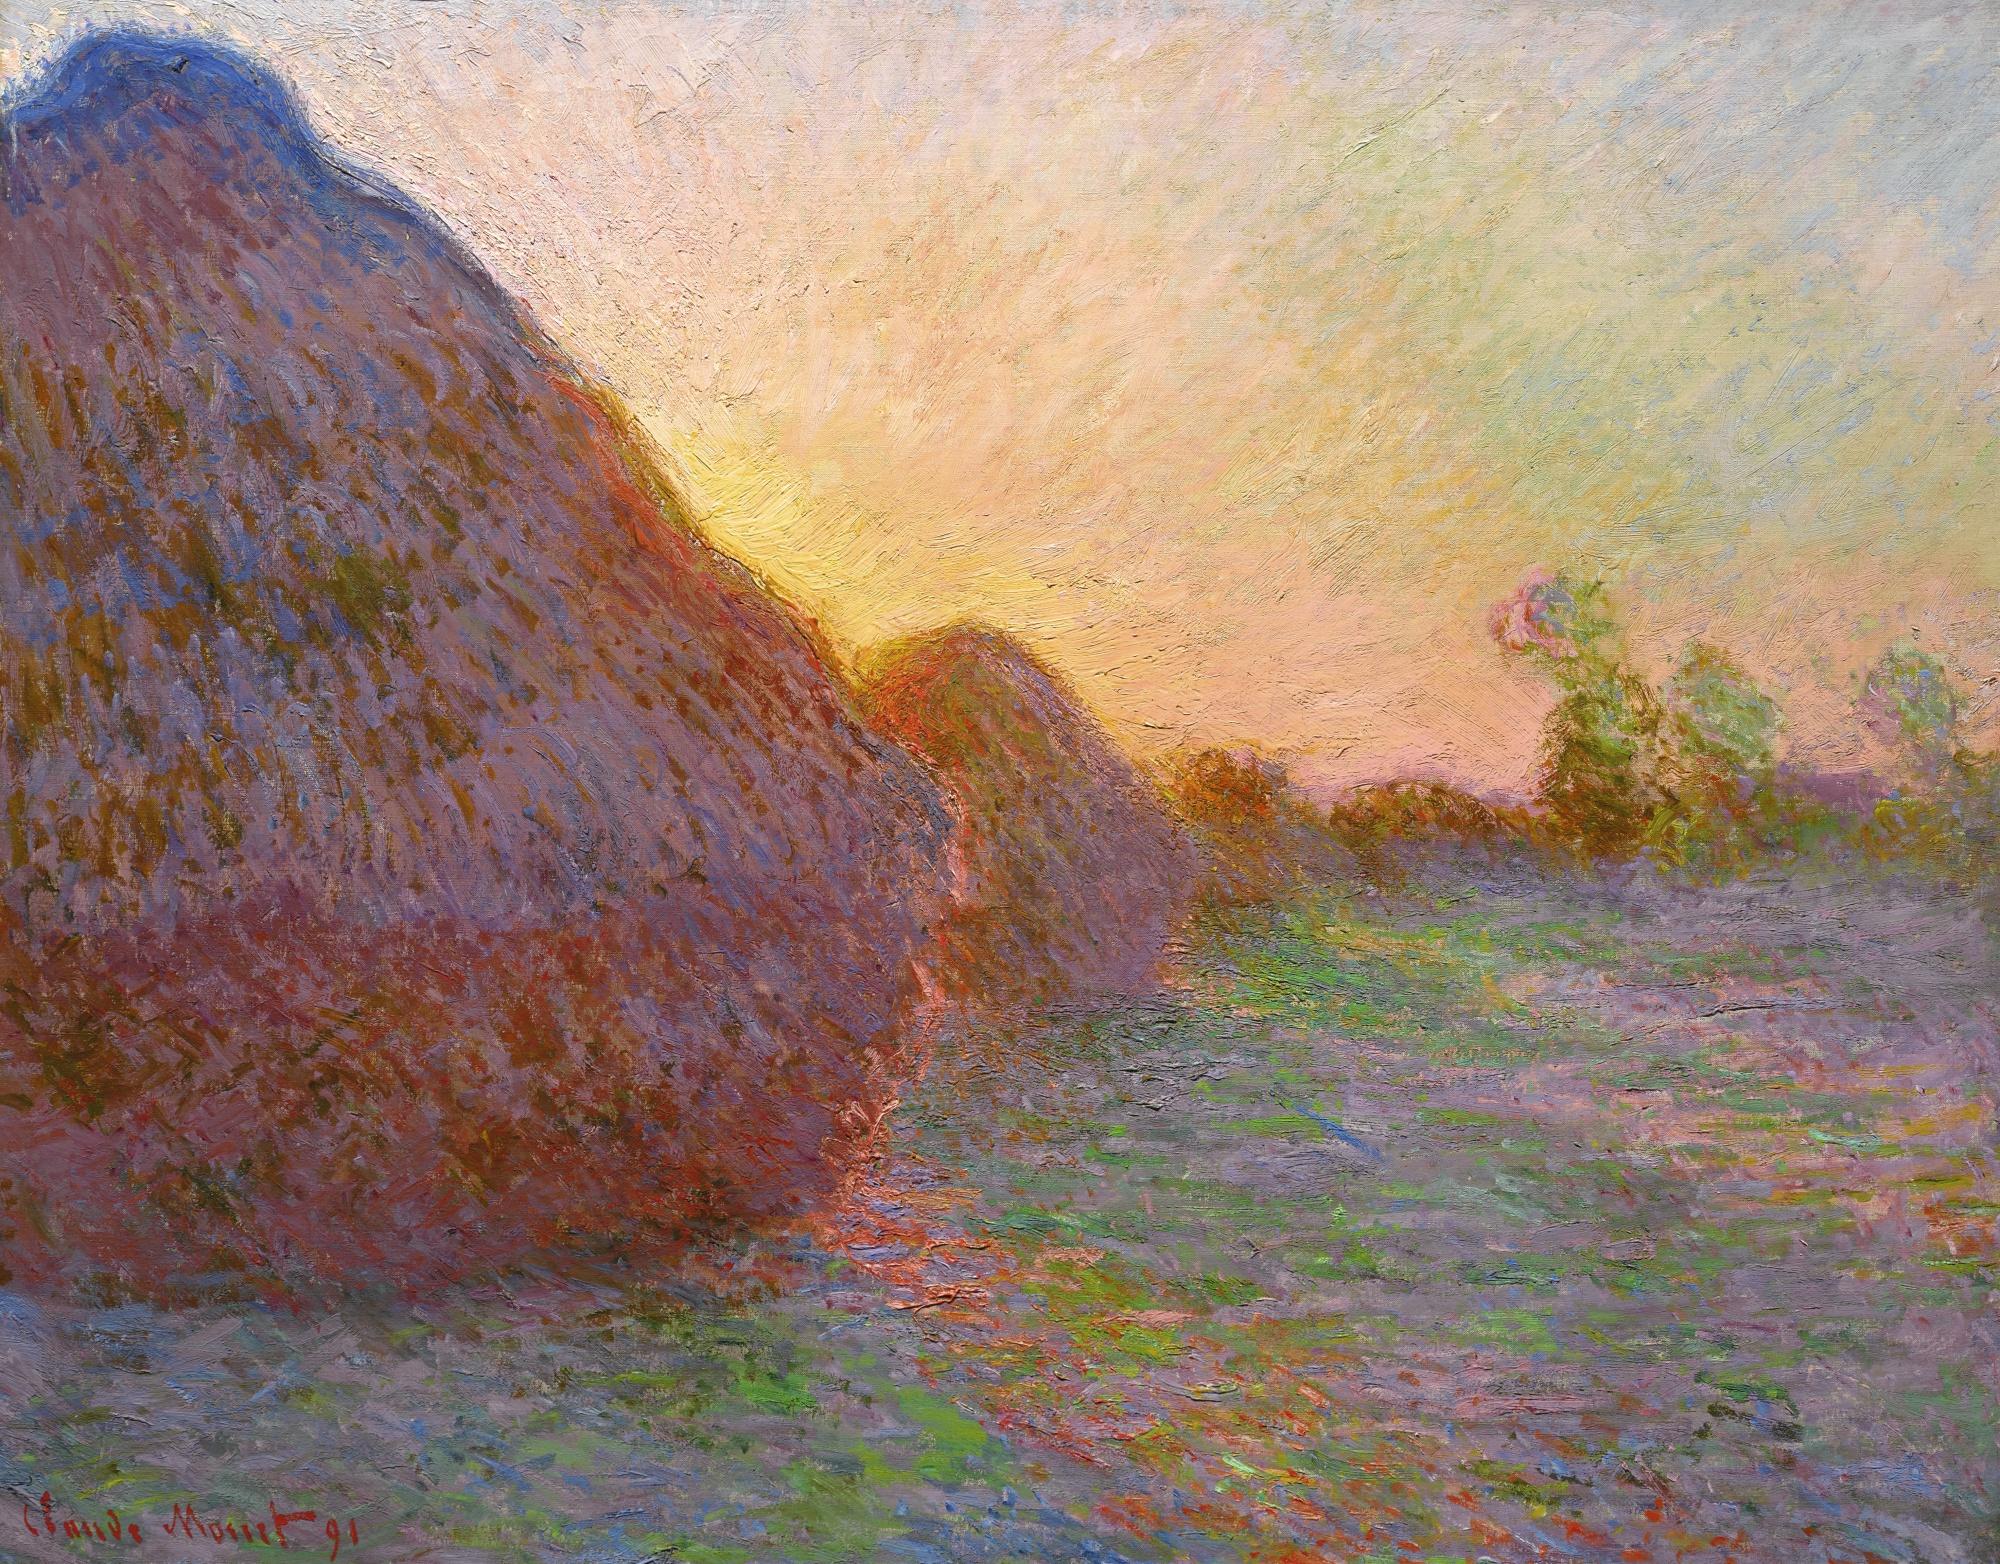 Meules, Claude Monet, 1890-91, huile sur toile, image © Sotheby's